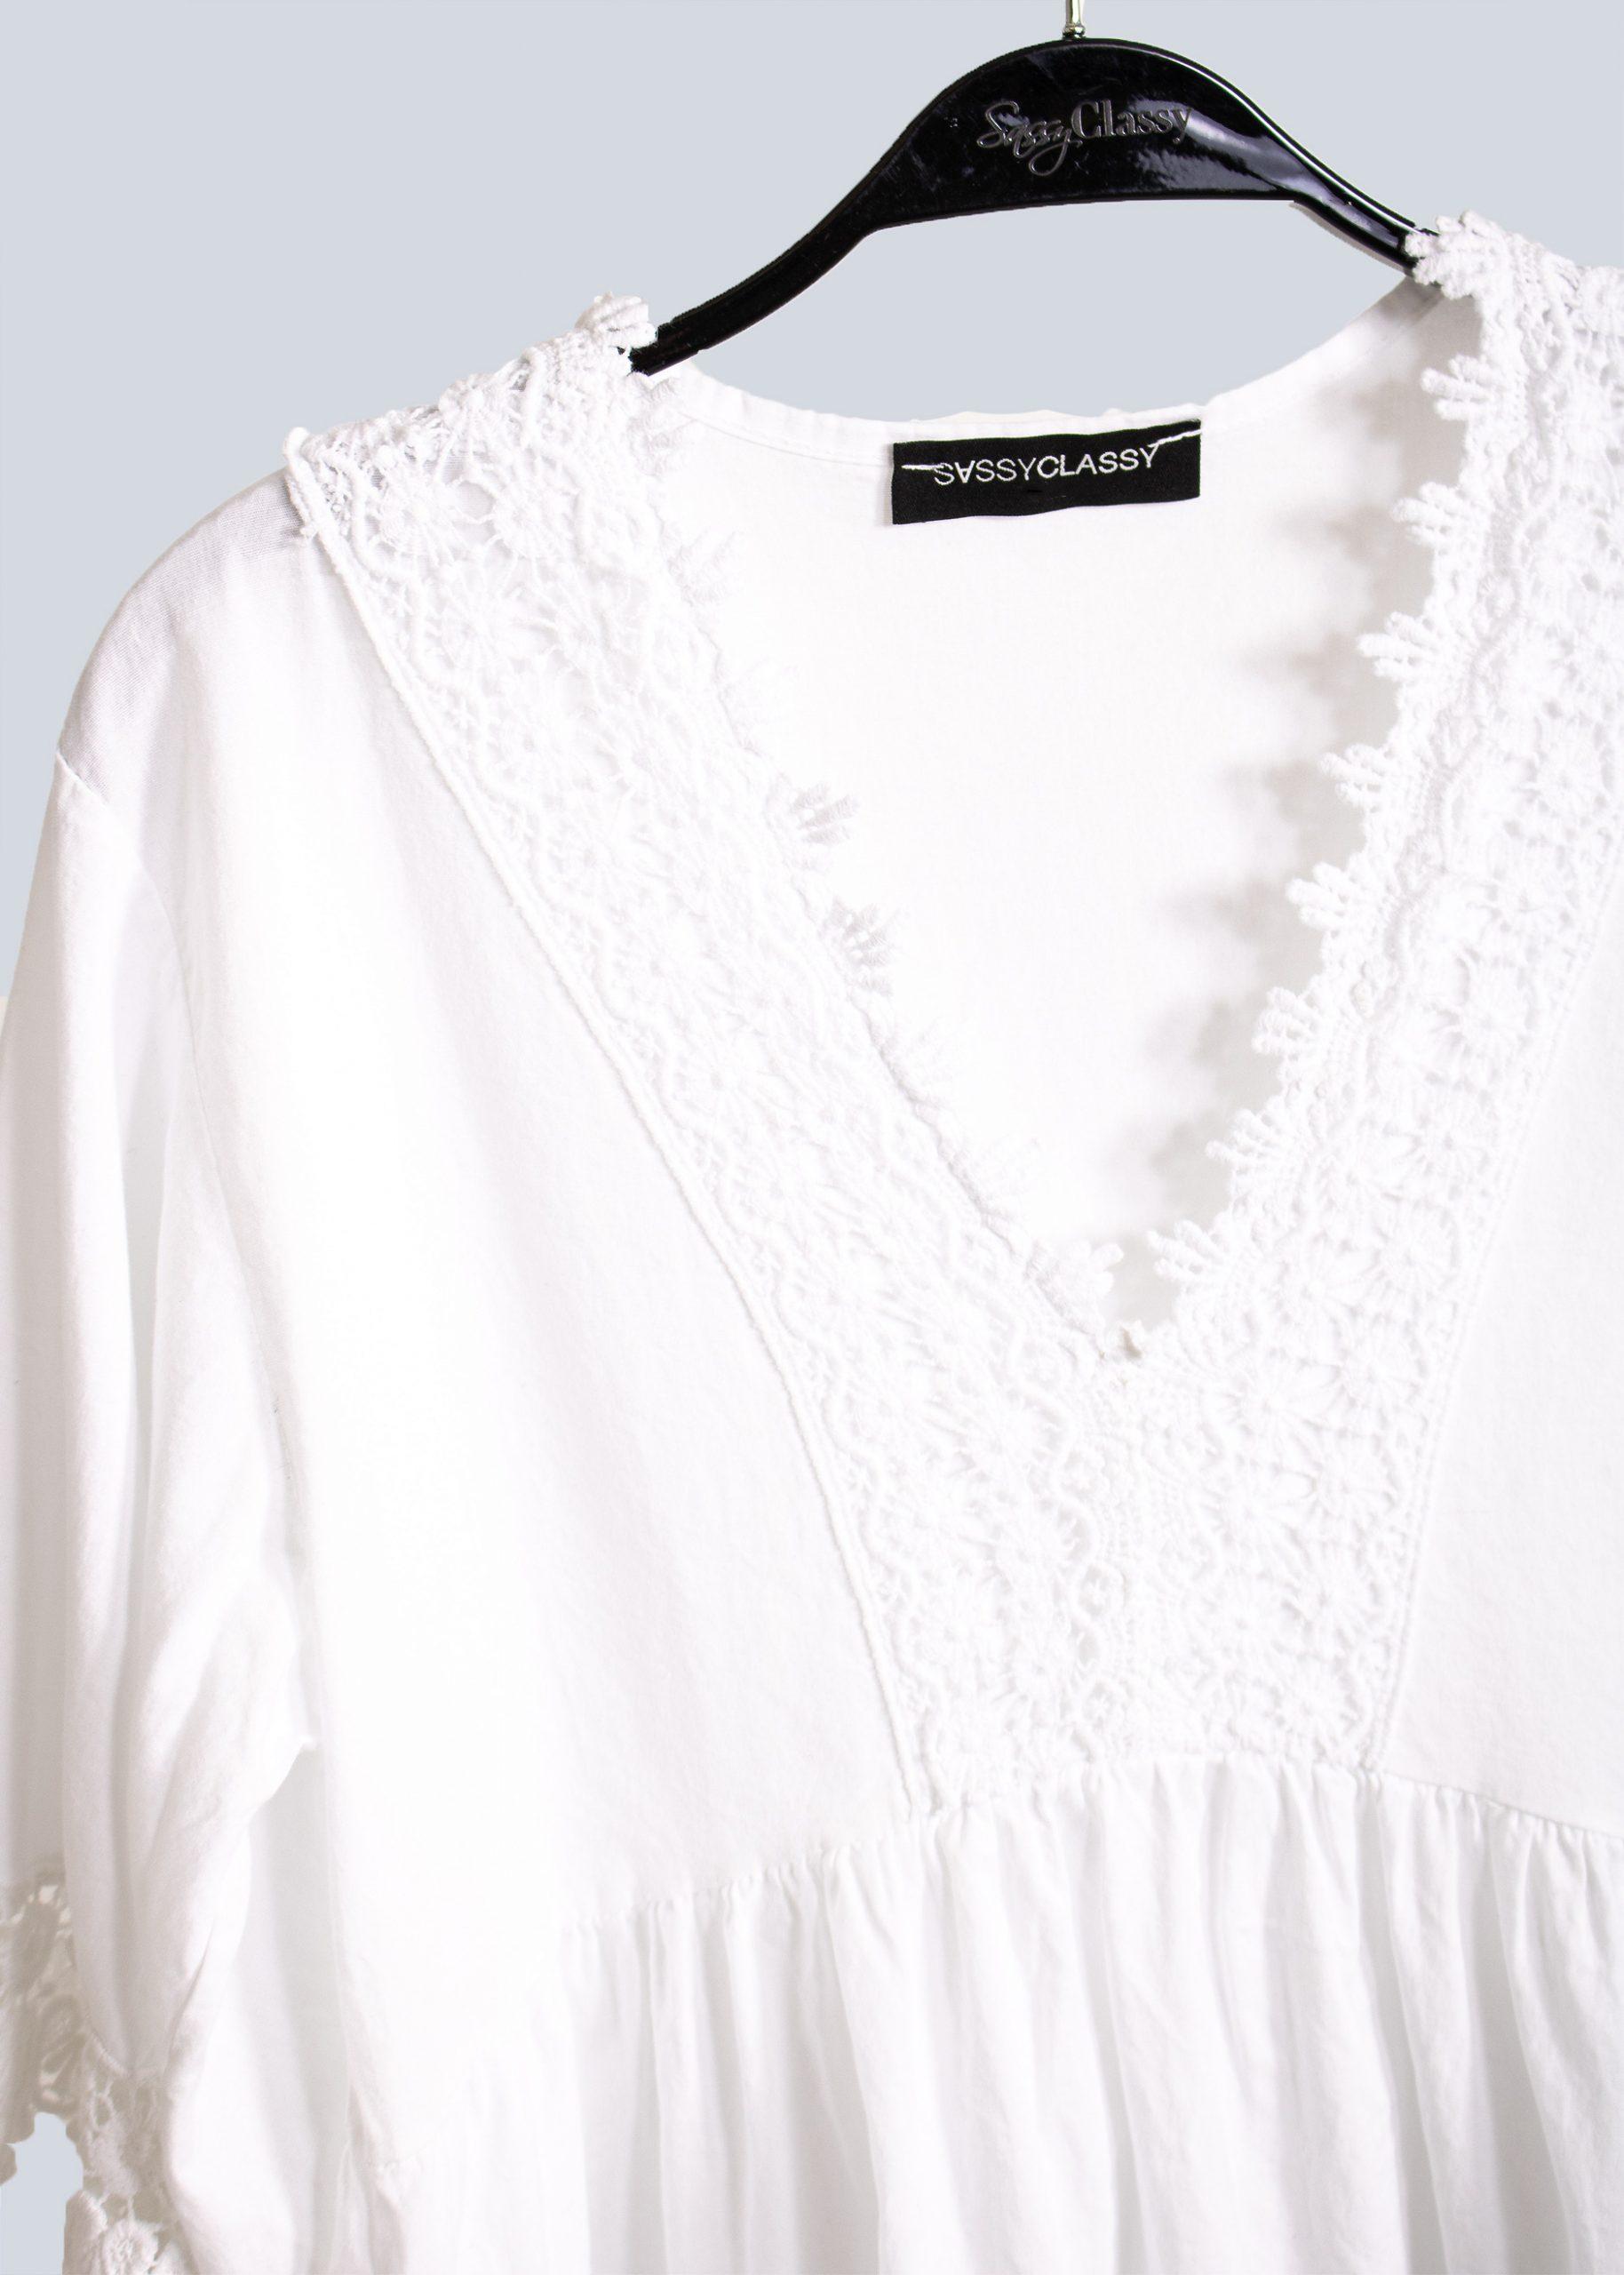 Tunikakleid Mit Spitze Weiß  Kleider  Bekleidung